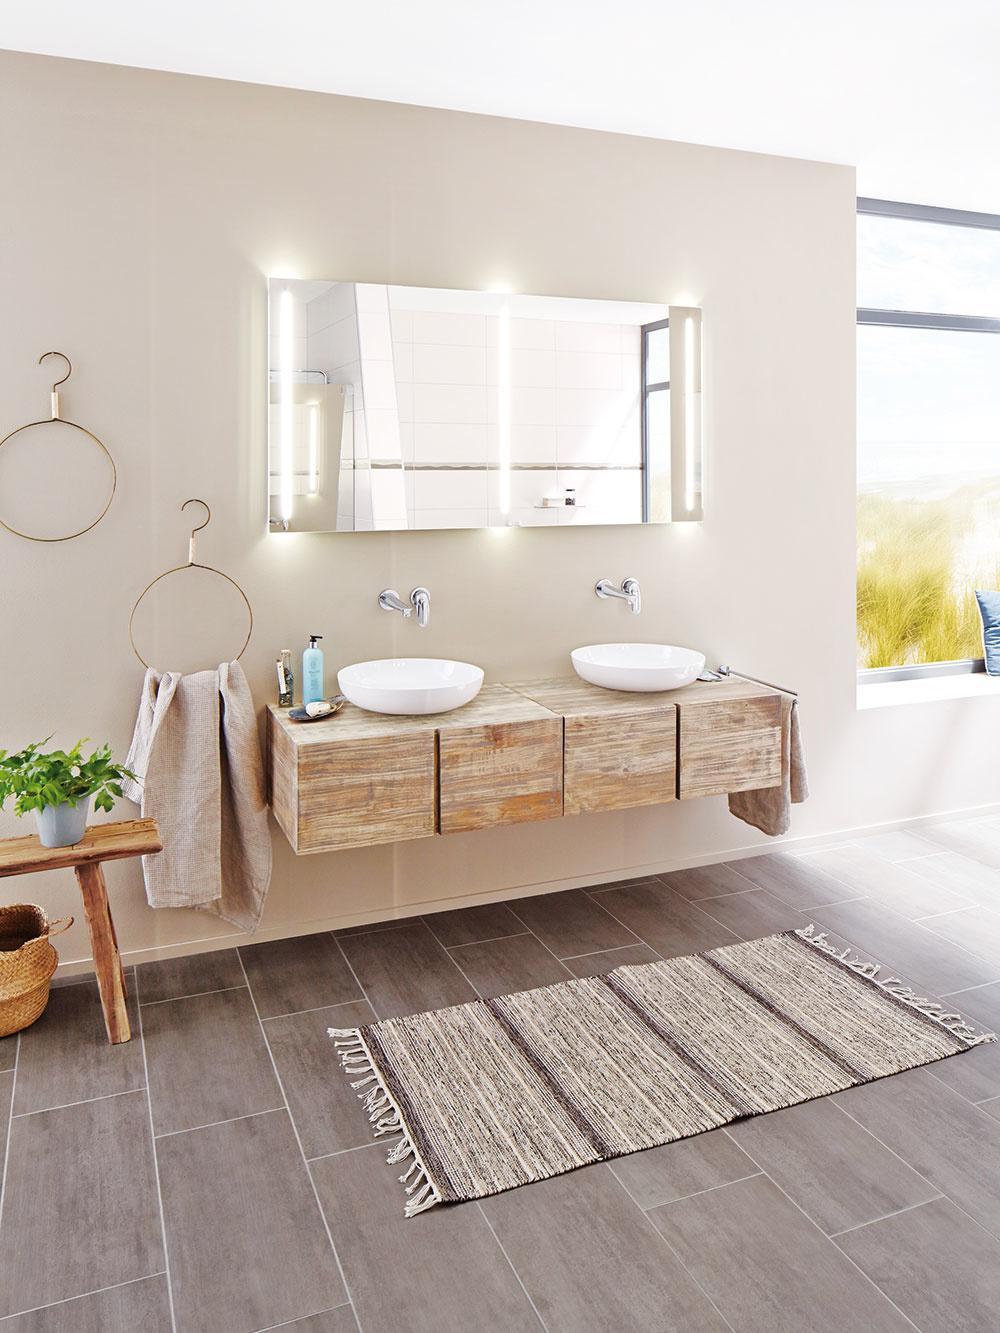 1 ROZMIESTNENIE  Ako prvé je potrebné brať do úvahy rozmery kúpeľne, ktoré môžu zabrzdiť vaše veľké plány. Ďalej by ste mali vedieť, čo preferuje vaše domáce osadenstvo anásledne si položiť niekoľko otázok: potrebujete len sprchový kút alebo aj vaňu? Stačí vám jedno umývadlo alebo dve? Pri používaní toalety máte radšej súkromie, alebo uprednostňujete väčší komfort aprepojenie skúpeľňou vám až natoľko neprekáža? Všetko si zapíšte, atak bude hneď zrejmé, čo všetko treba zvážiť. Ešte predtým, ako sa pustíte do samotného zariaďovania, je dôležité premyslieť, kde bude umiestnená práčka, prípadne sušička bielizne. Zvážte, či musia byť určite vkúpeľni, alebo či máte aj iné možnosti. FOTO KALDEWEI